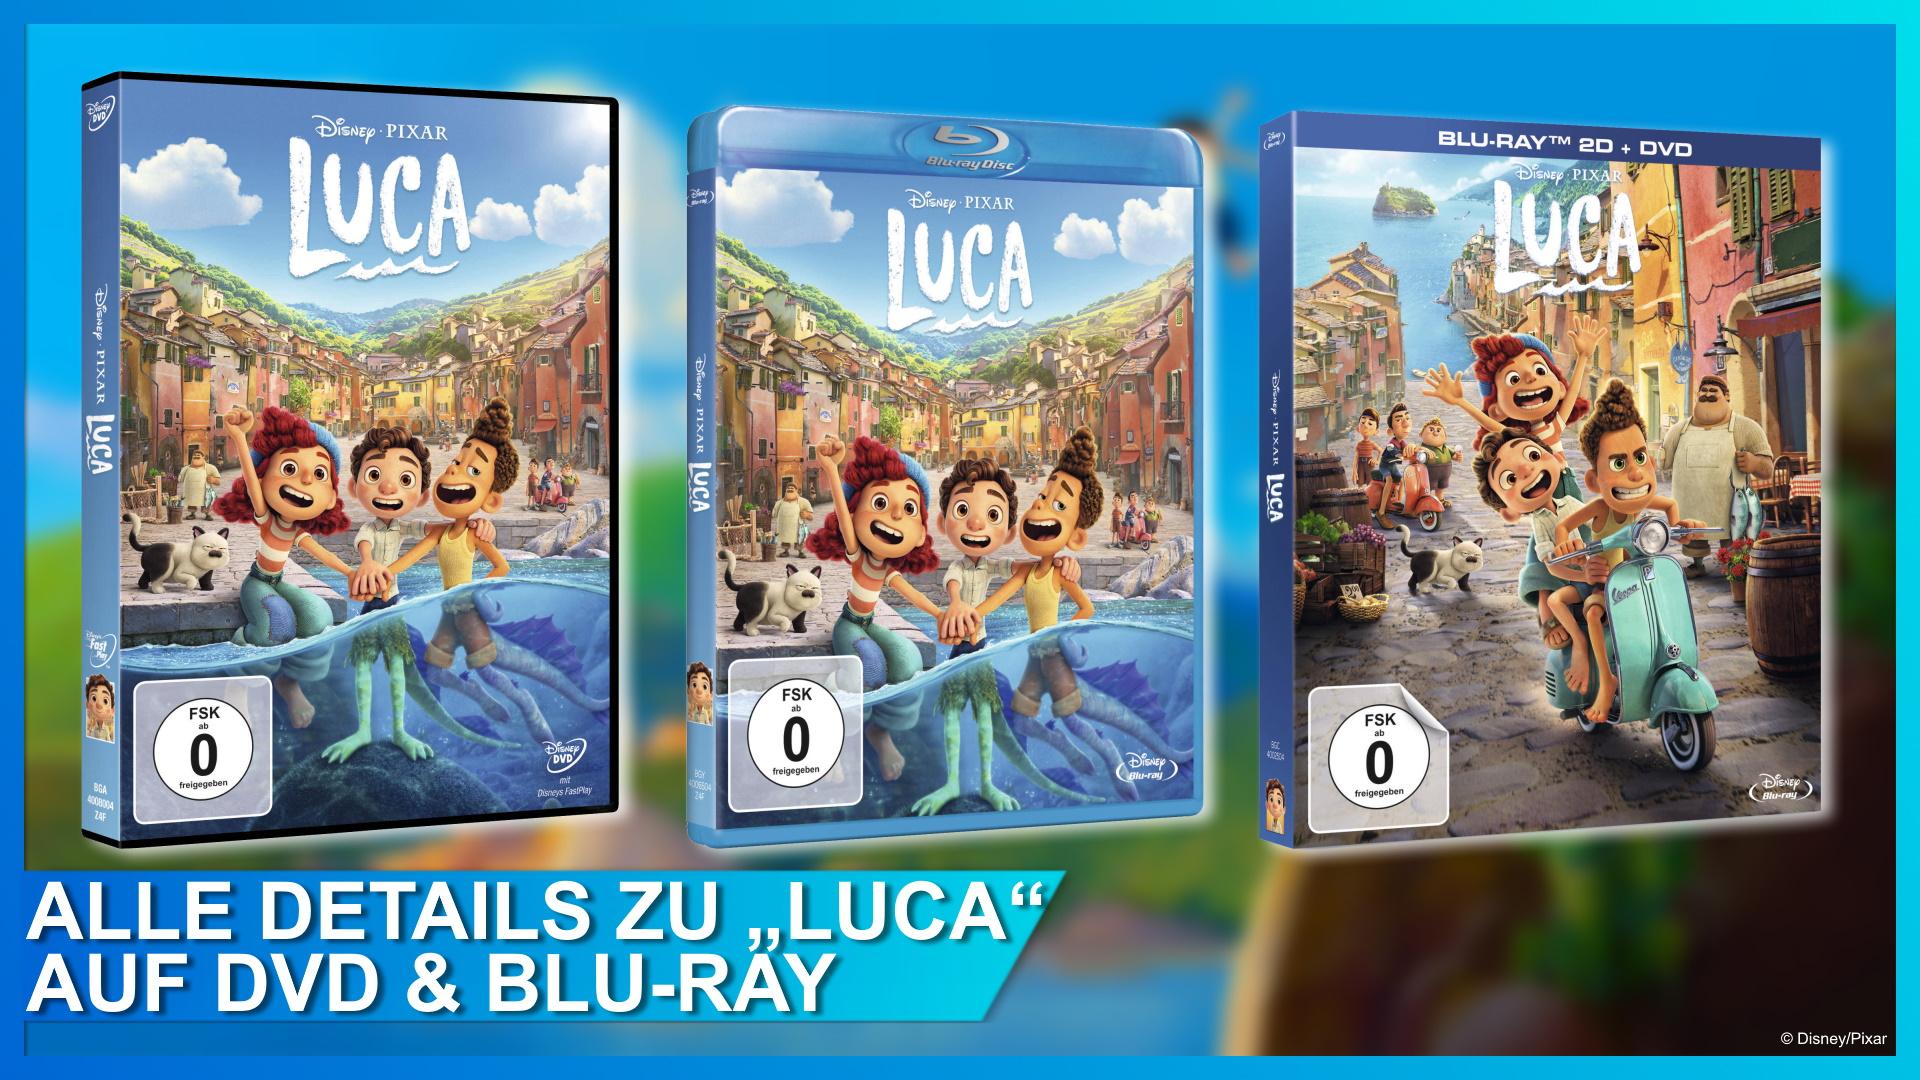 Pixars Luca auf DVD und Blu-ray